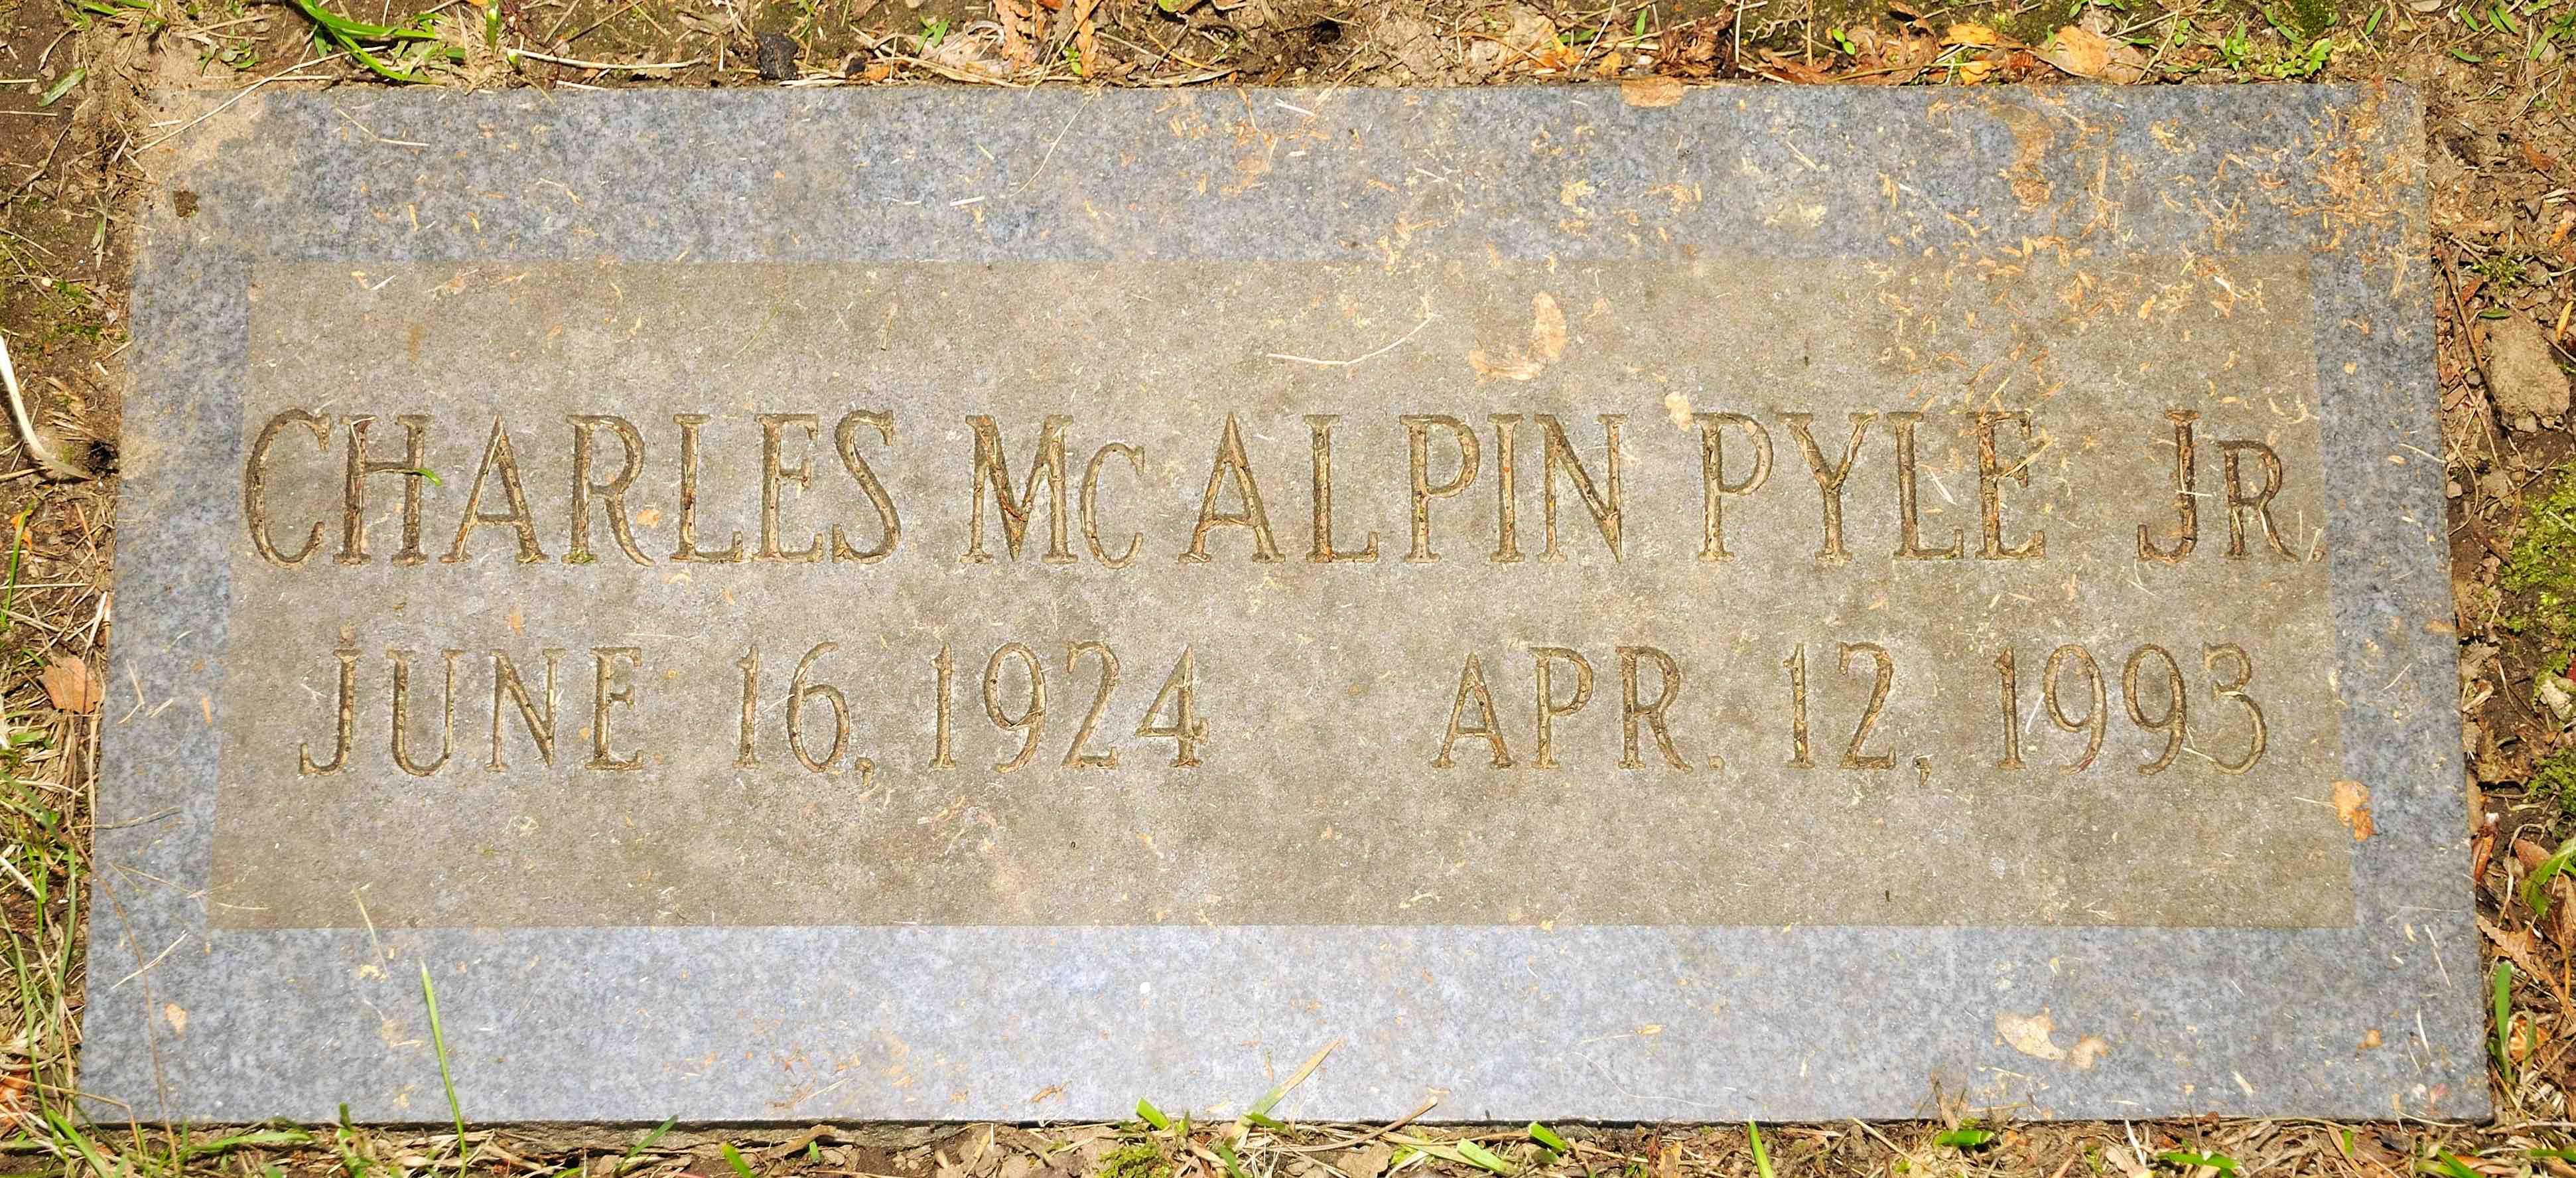 Charles McAlpin Pyle, Jr